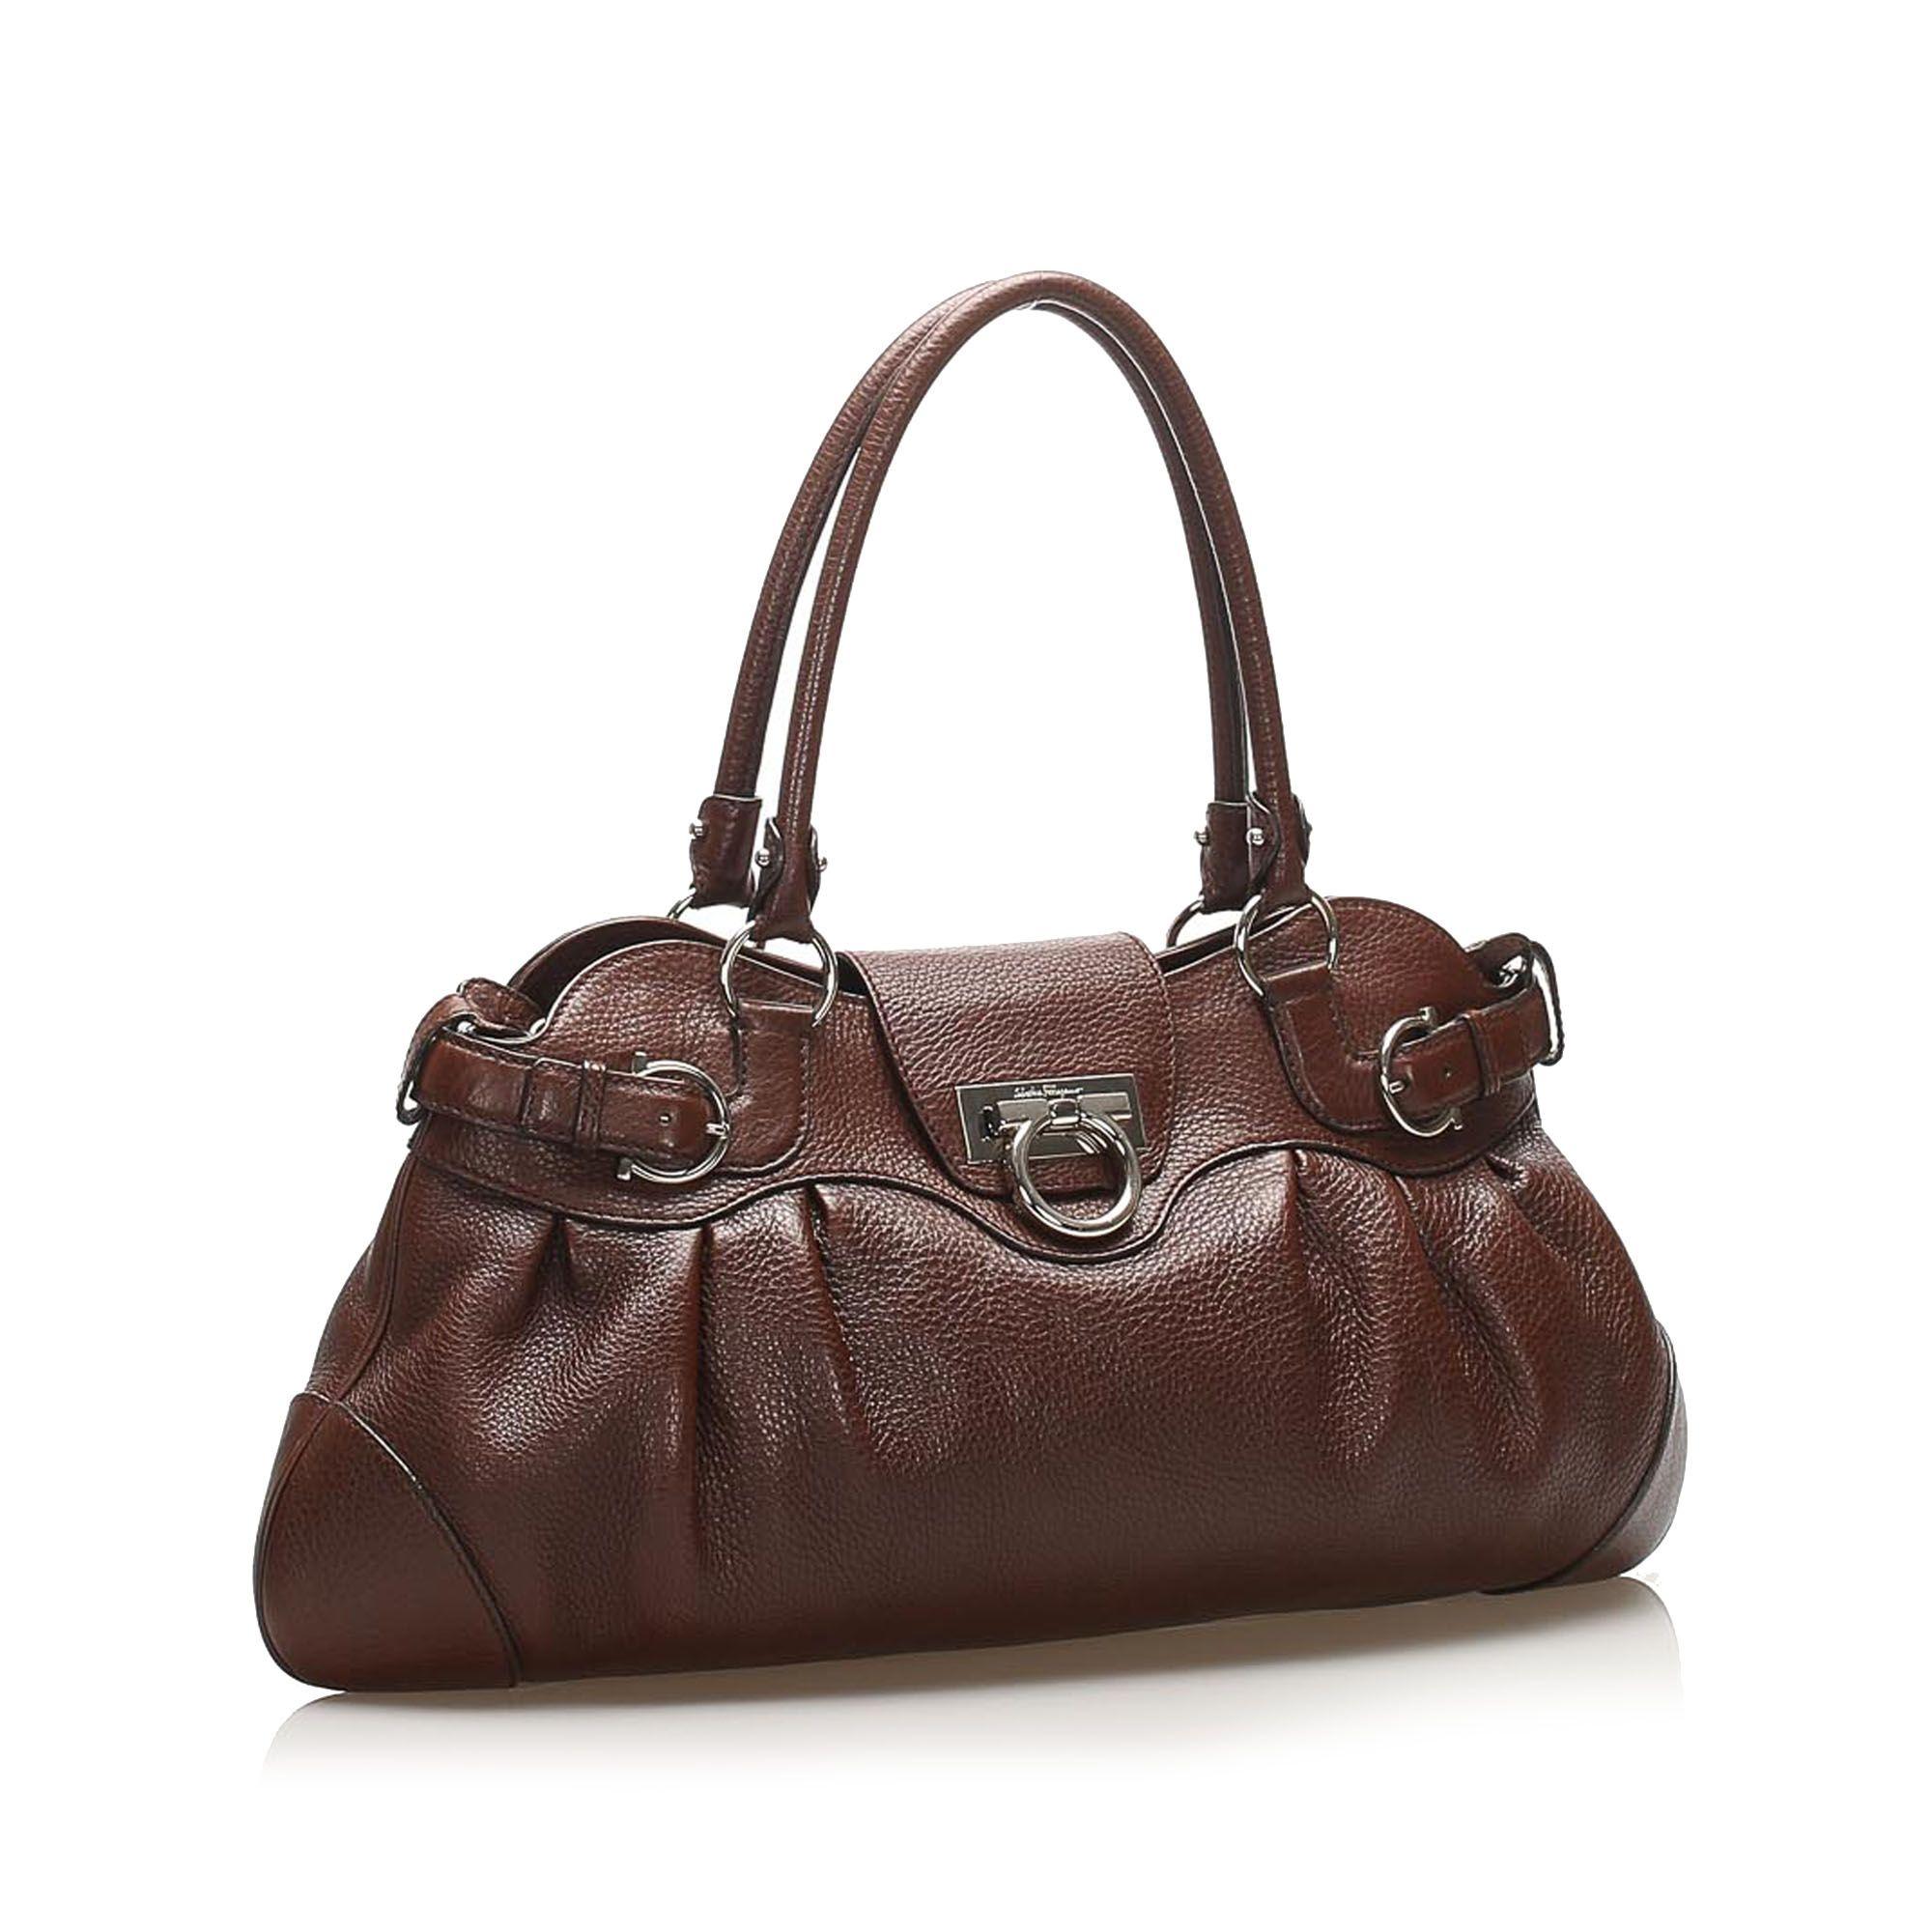 Vintage Ferragamo Gancini Marisa Leather Handbag Brown